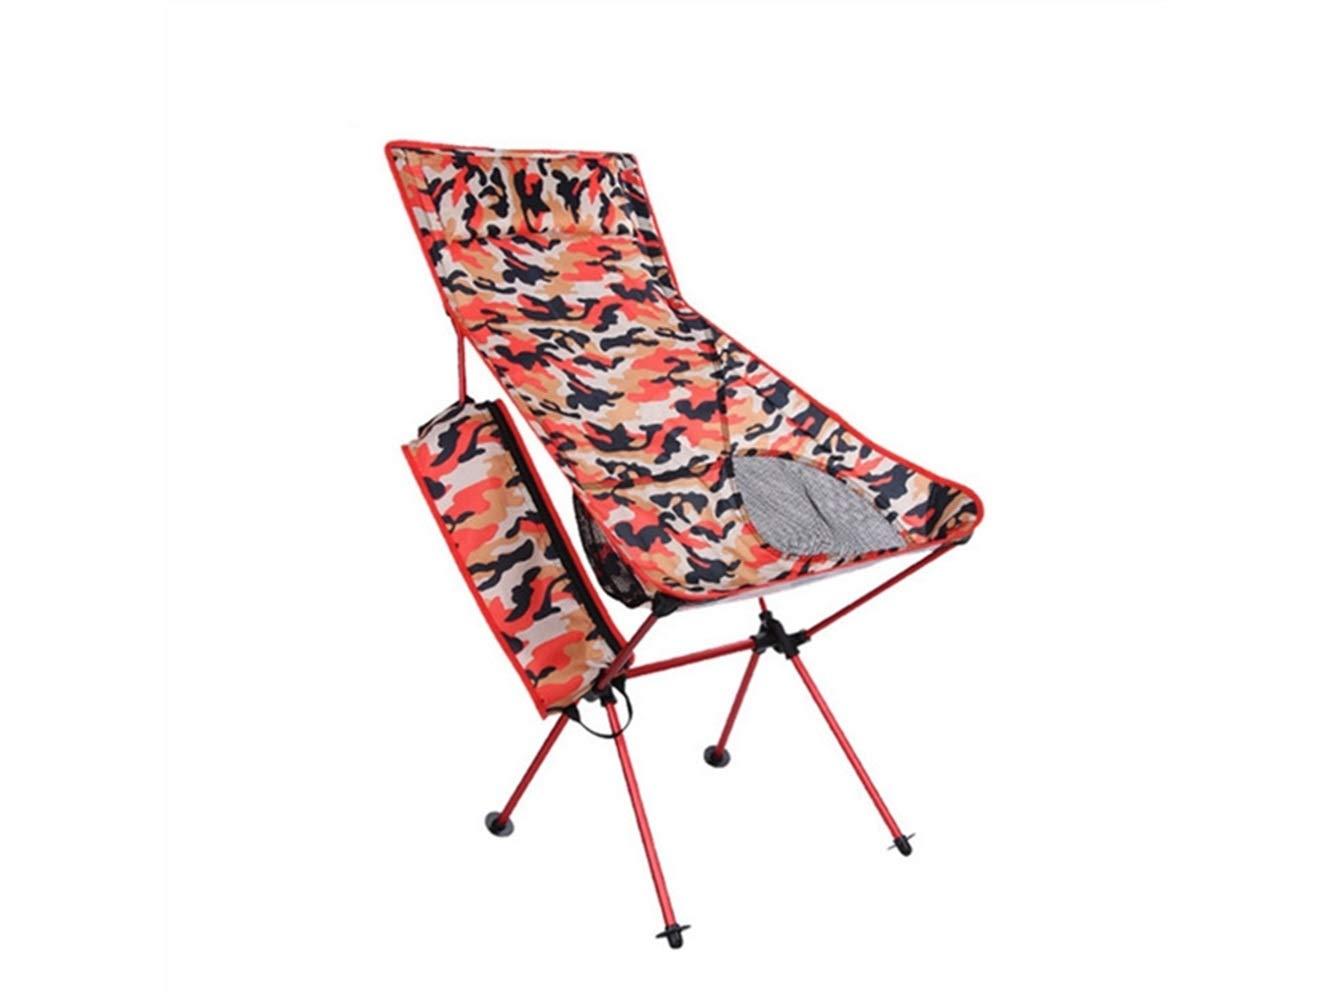 LMKIJN Bequemer Stuhl Tragbare Klapp Angeln Stuhl Liege Camping Stuhl für Outdoor und Angeln (Camouflage Orange) für den Urlaub